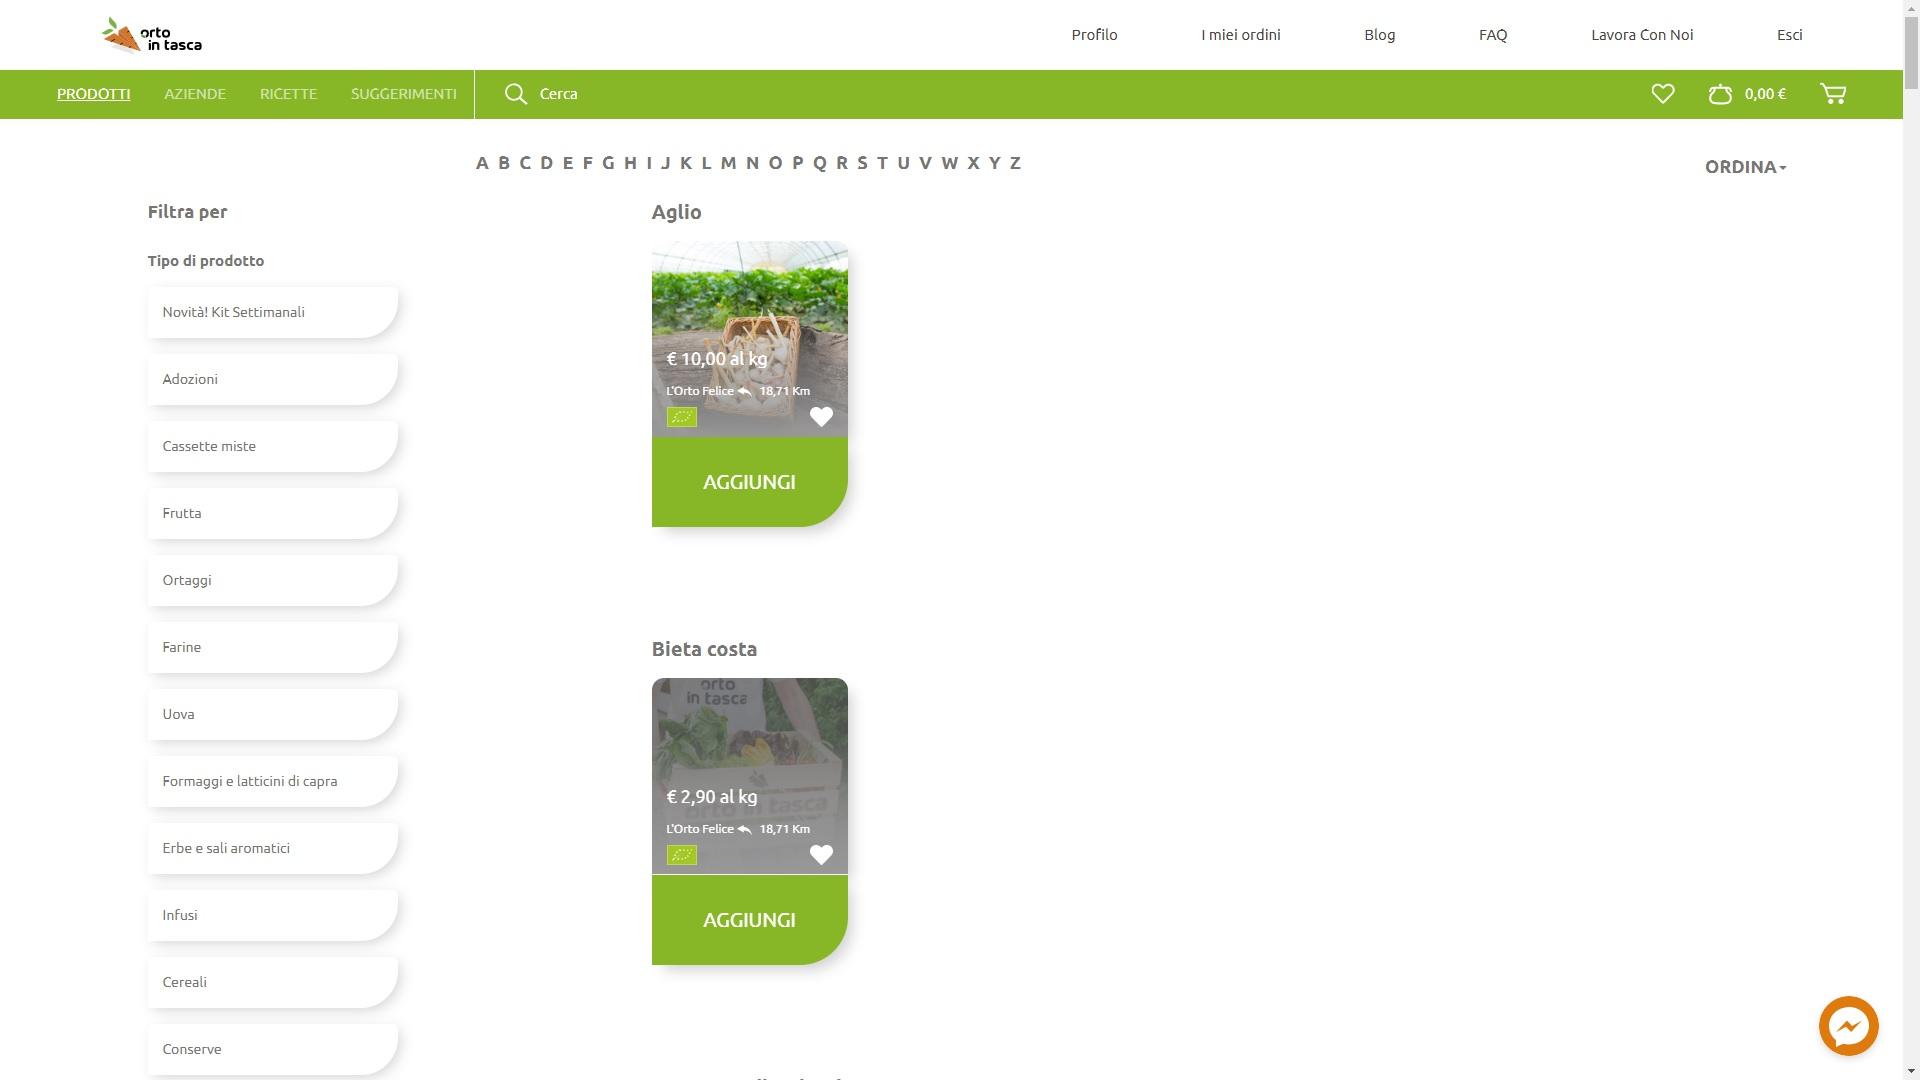 Orto_in_tasca_schermata_lista_prodotti